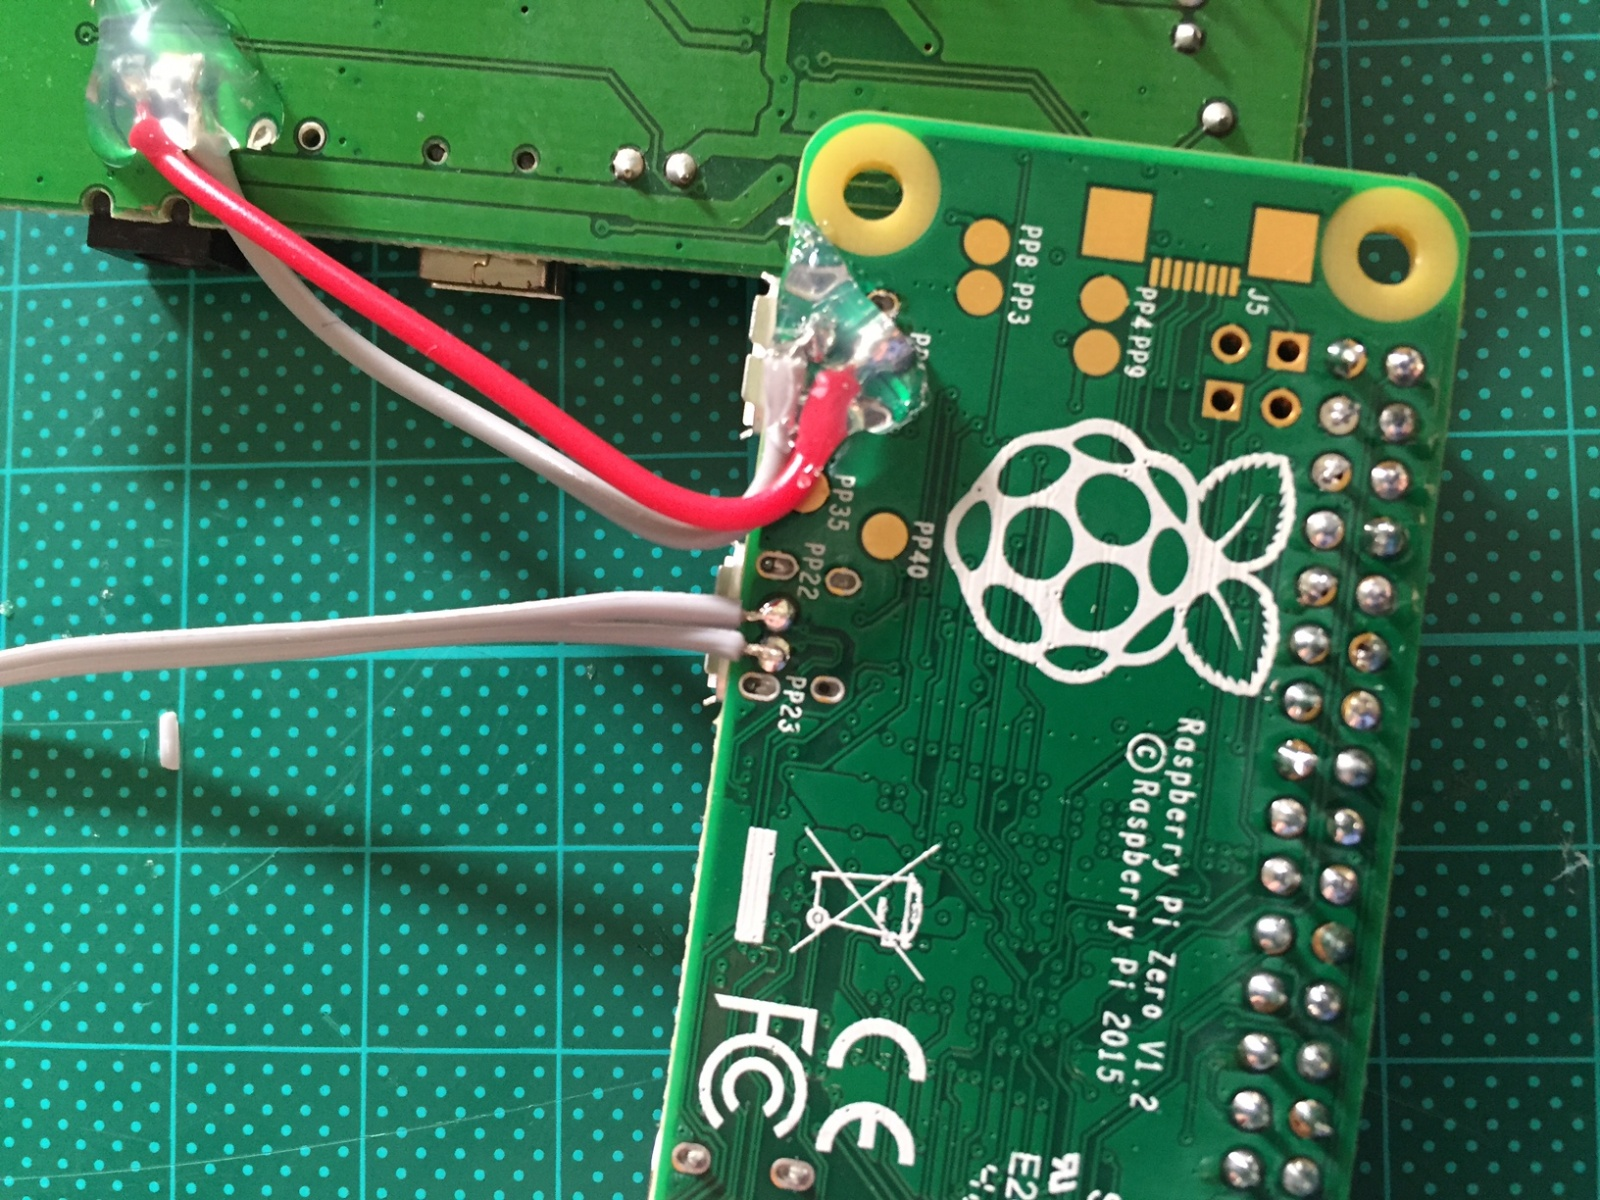 4 дополнительных USB порта для Raspberry Pi Zero? Не проблема - 4